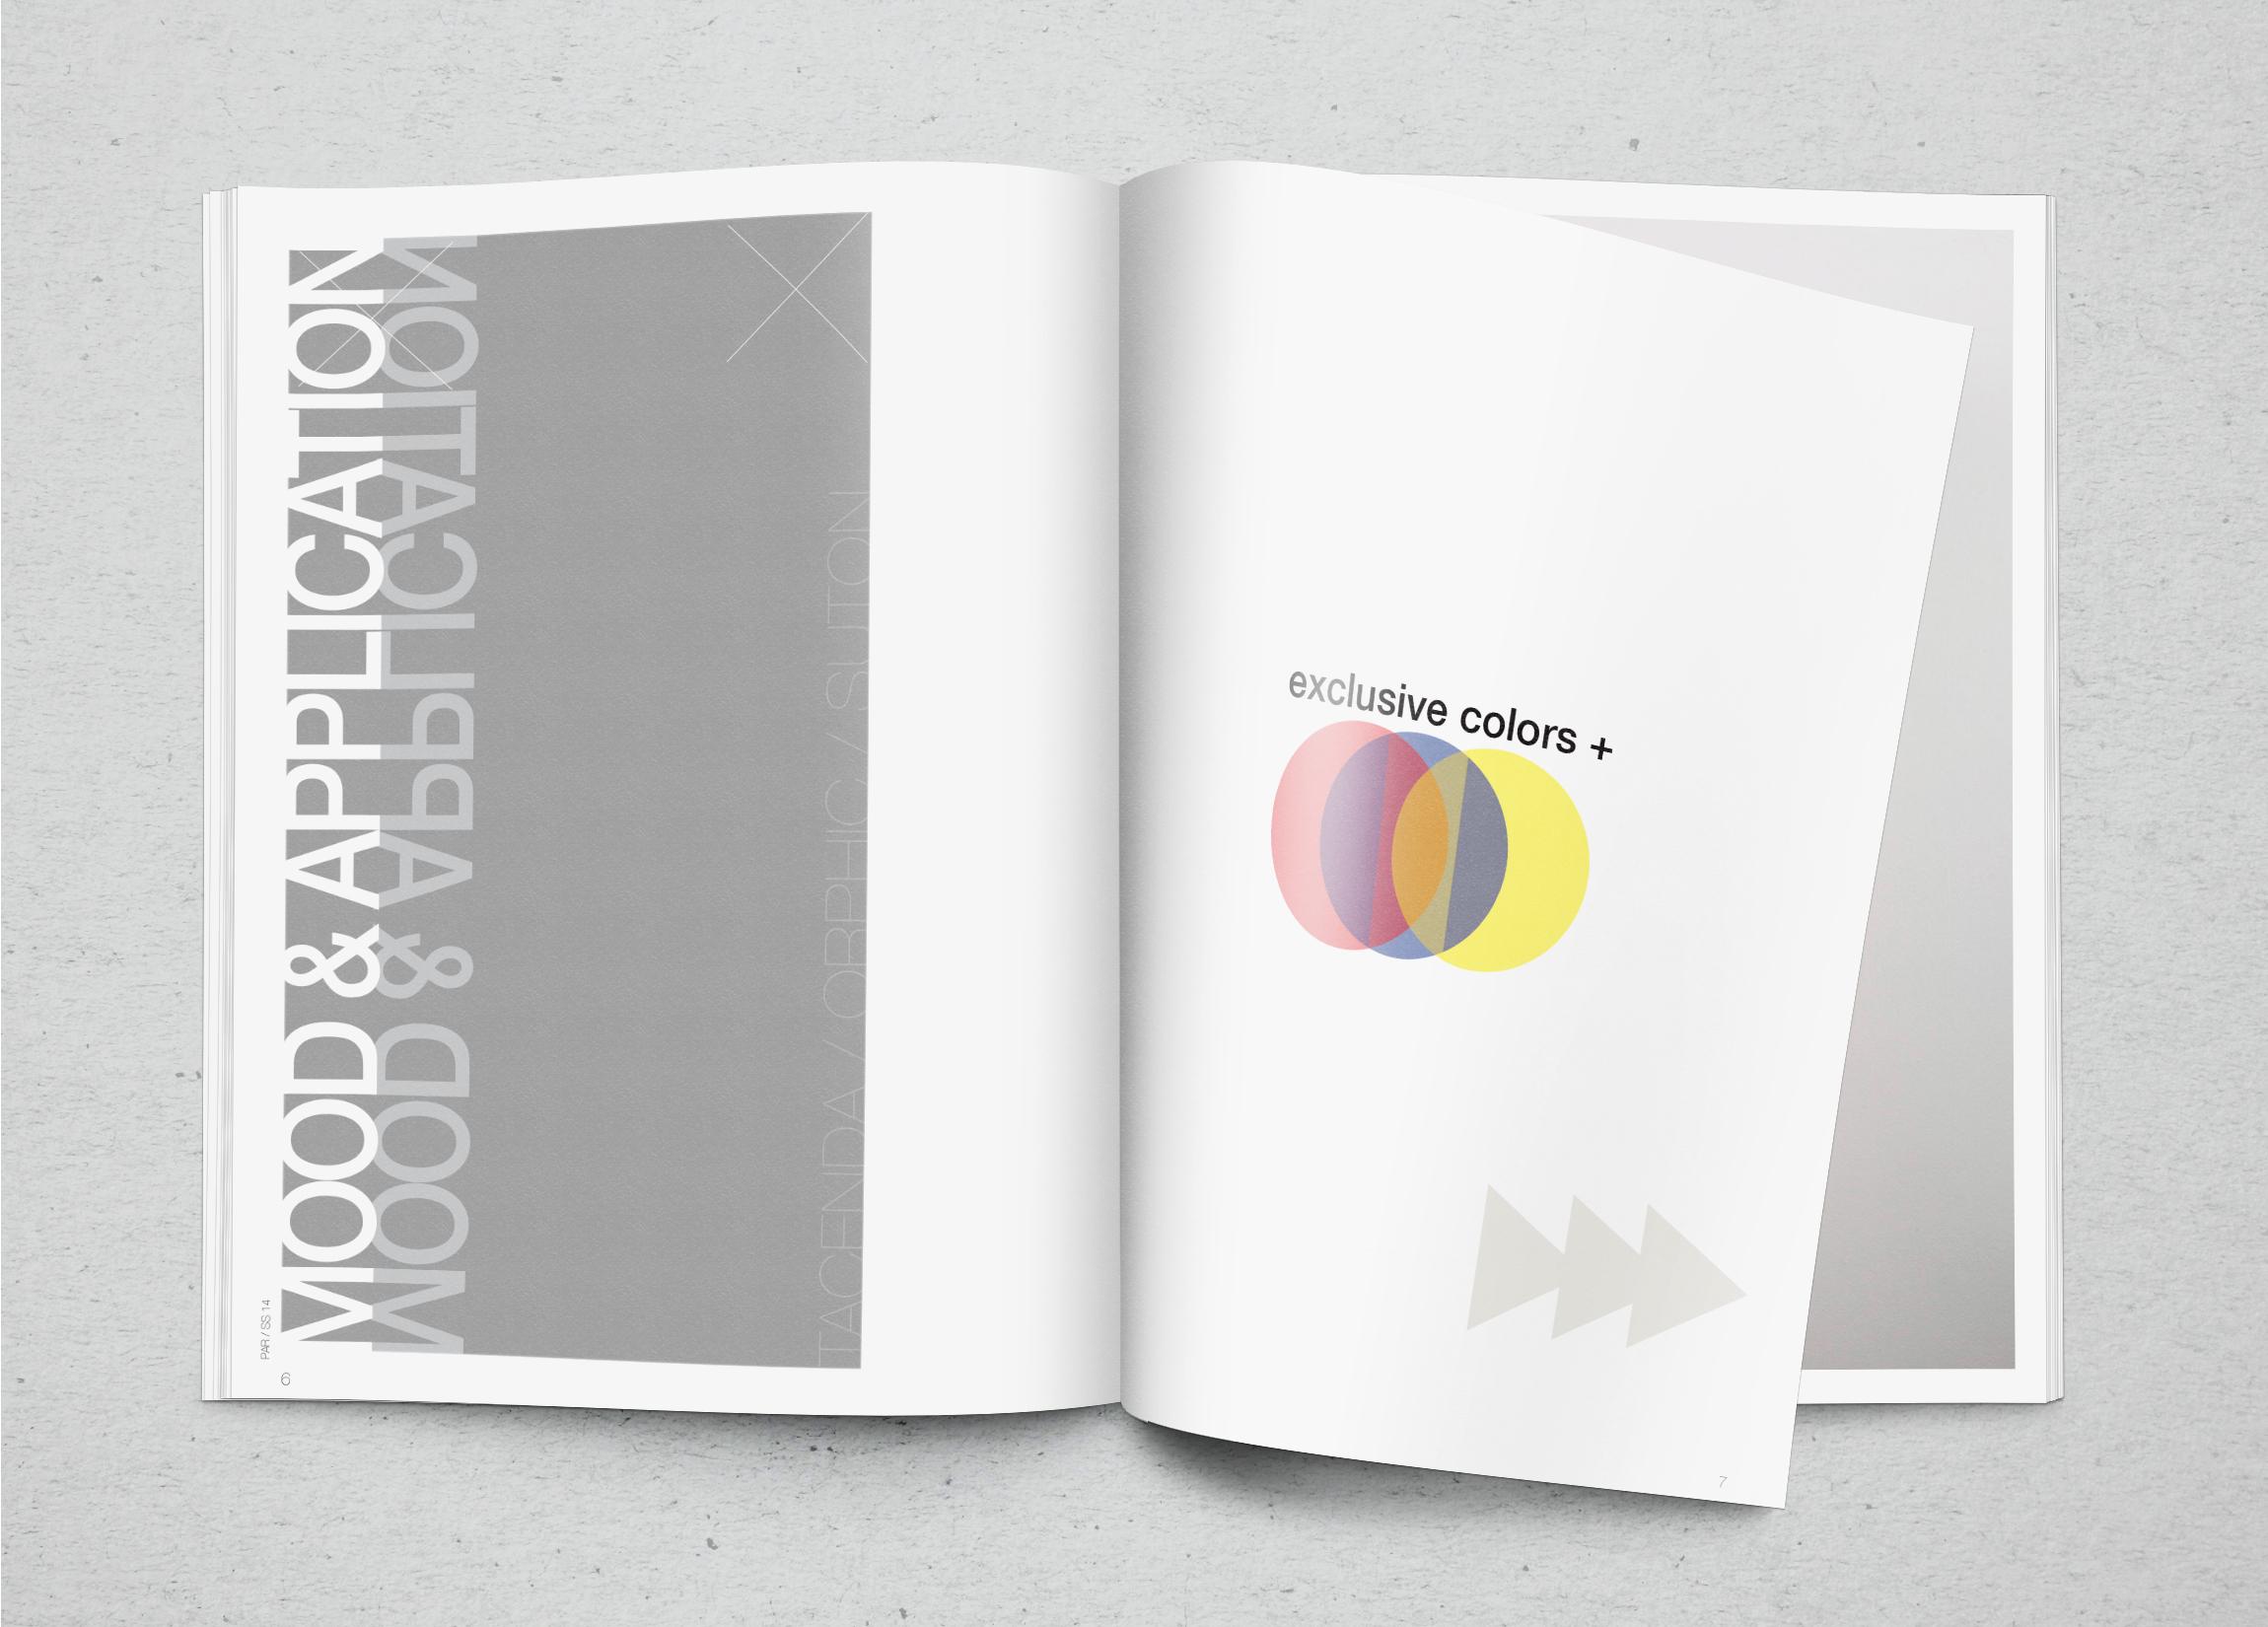 PARt_3Photorealistic Magazine MockUp.jpg